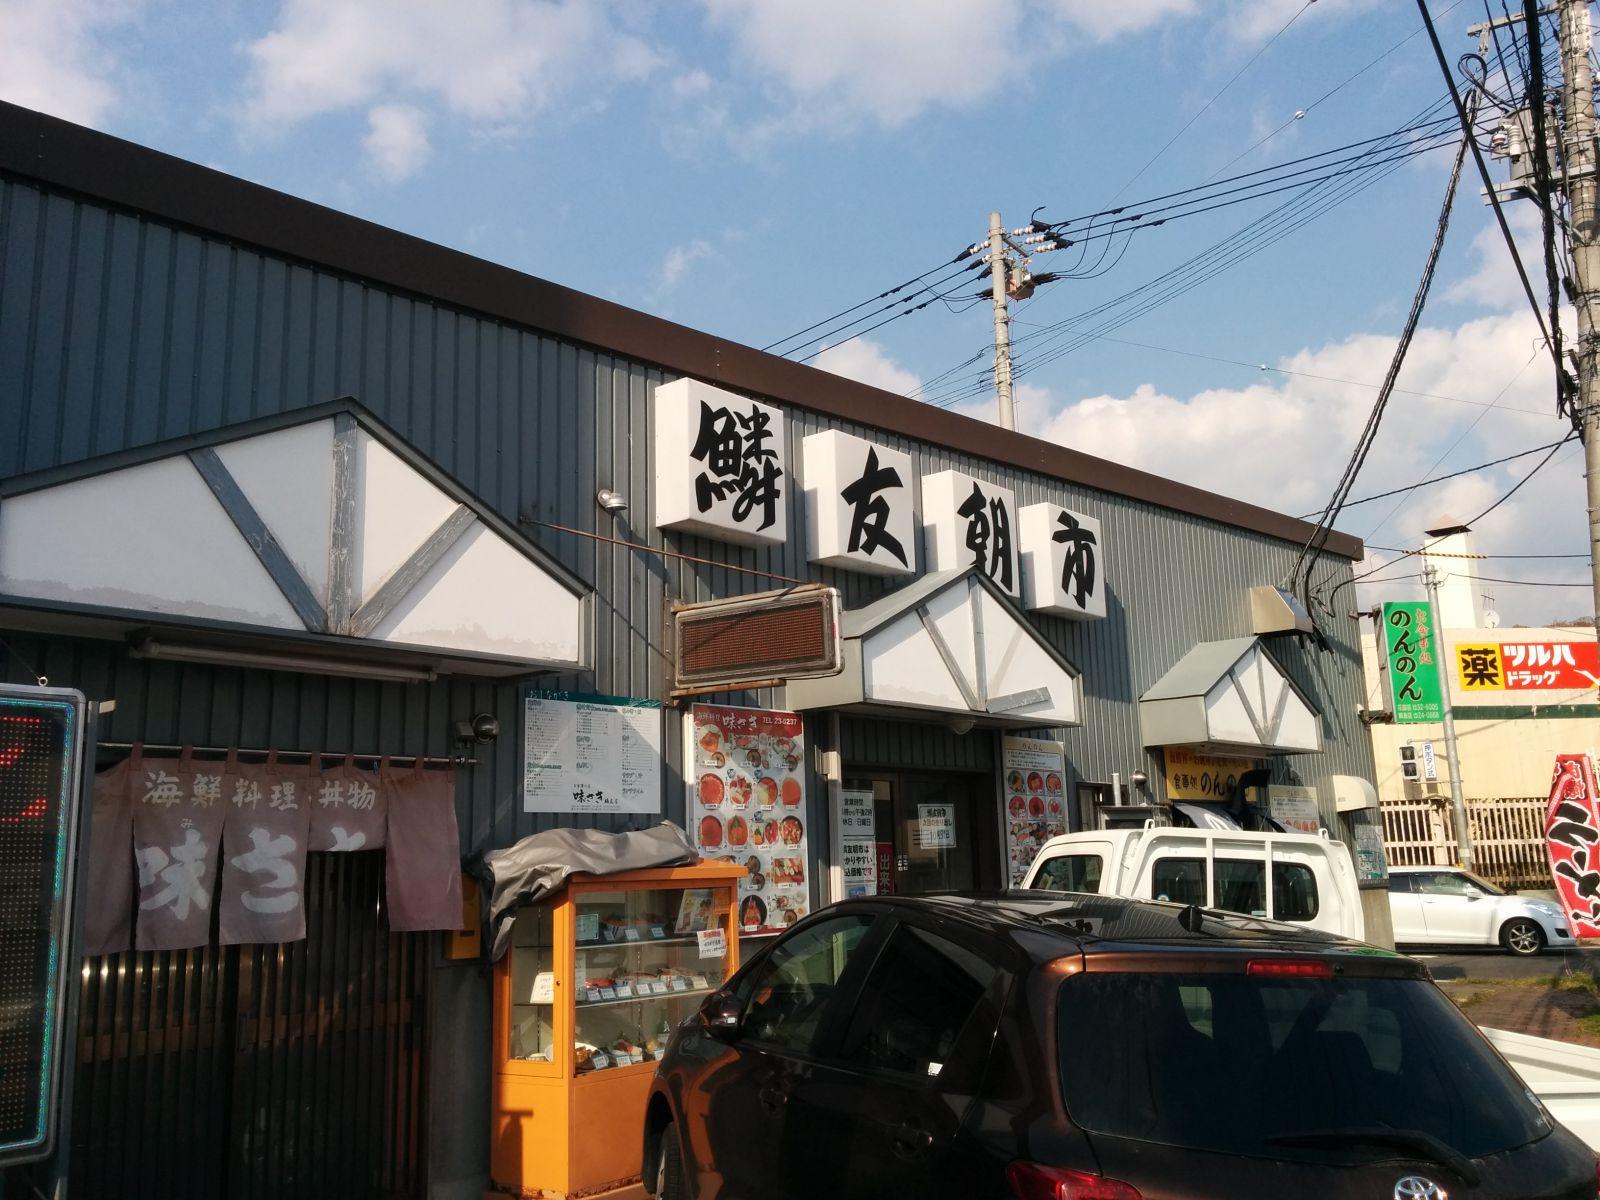 【小樽市】小樽鱗友朝市観光案内